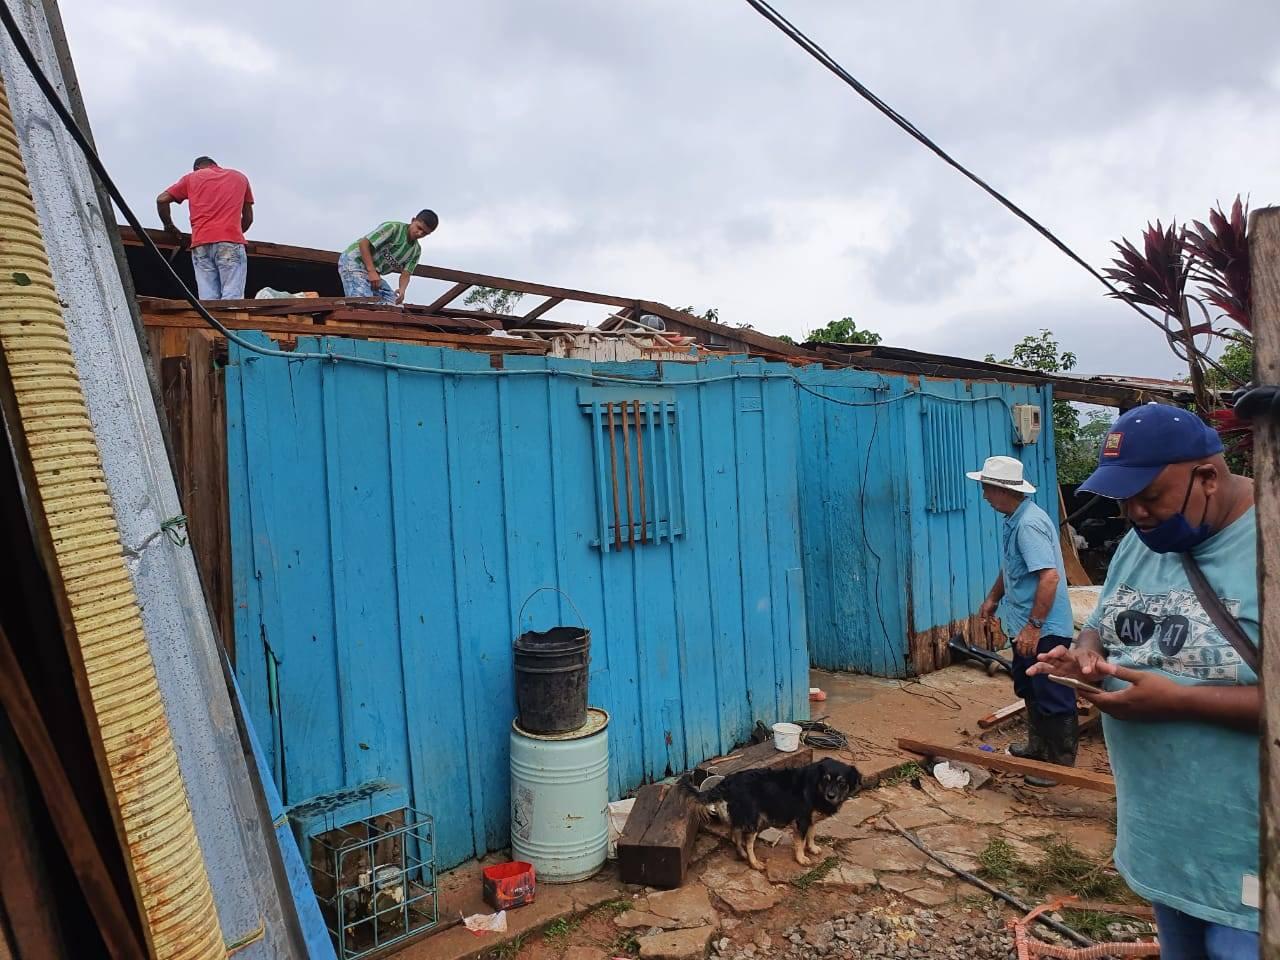 Actriz Porno De Los 80 Fallecida Prematuramente vendaval deja a 80 familias sin los techos de sus hogares